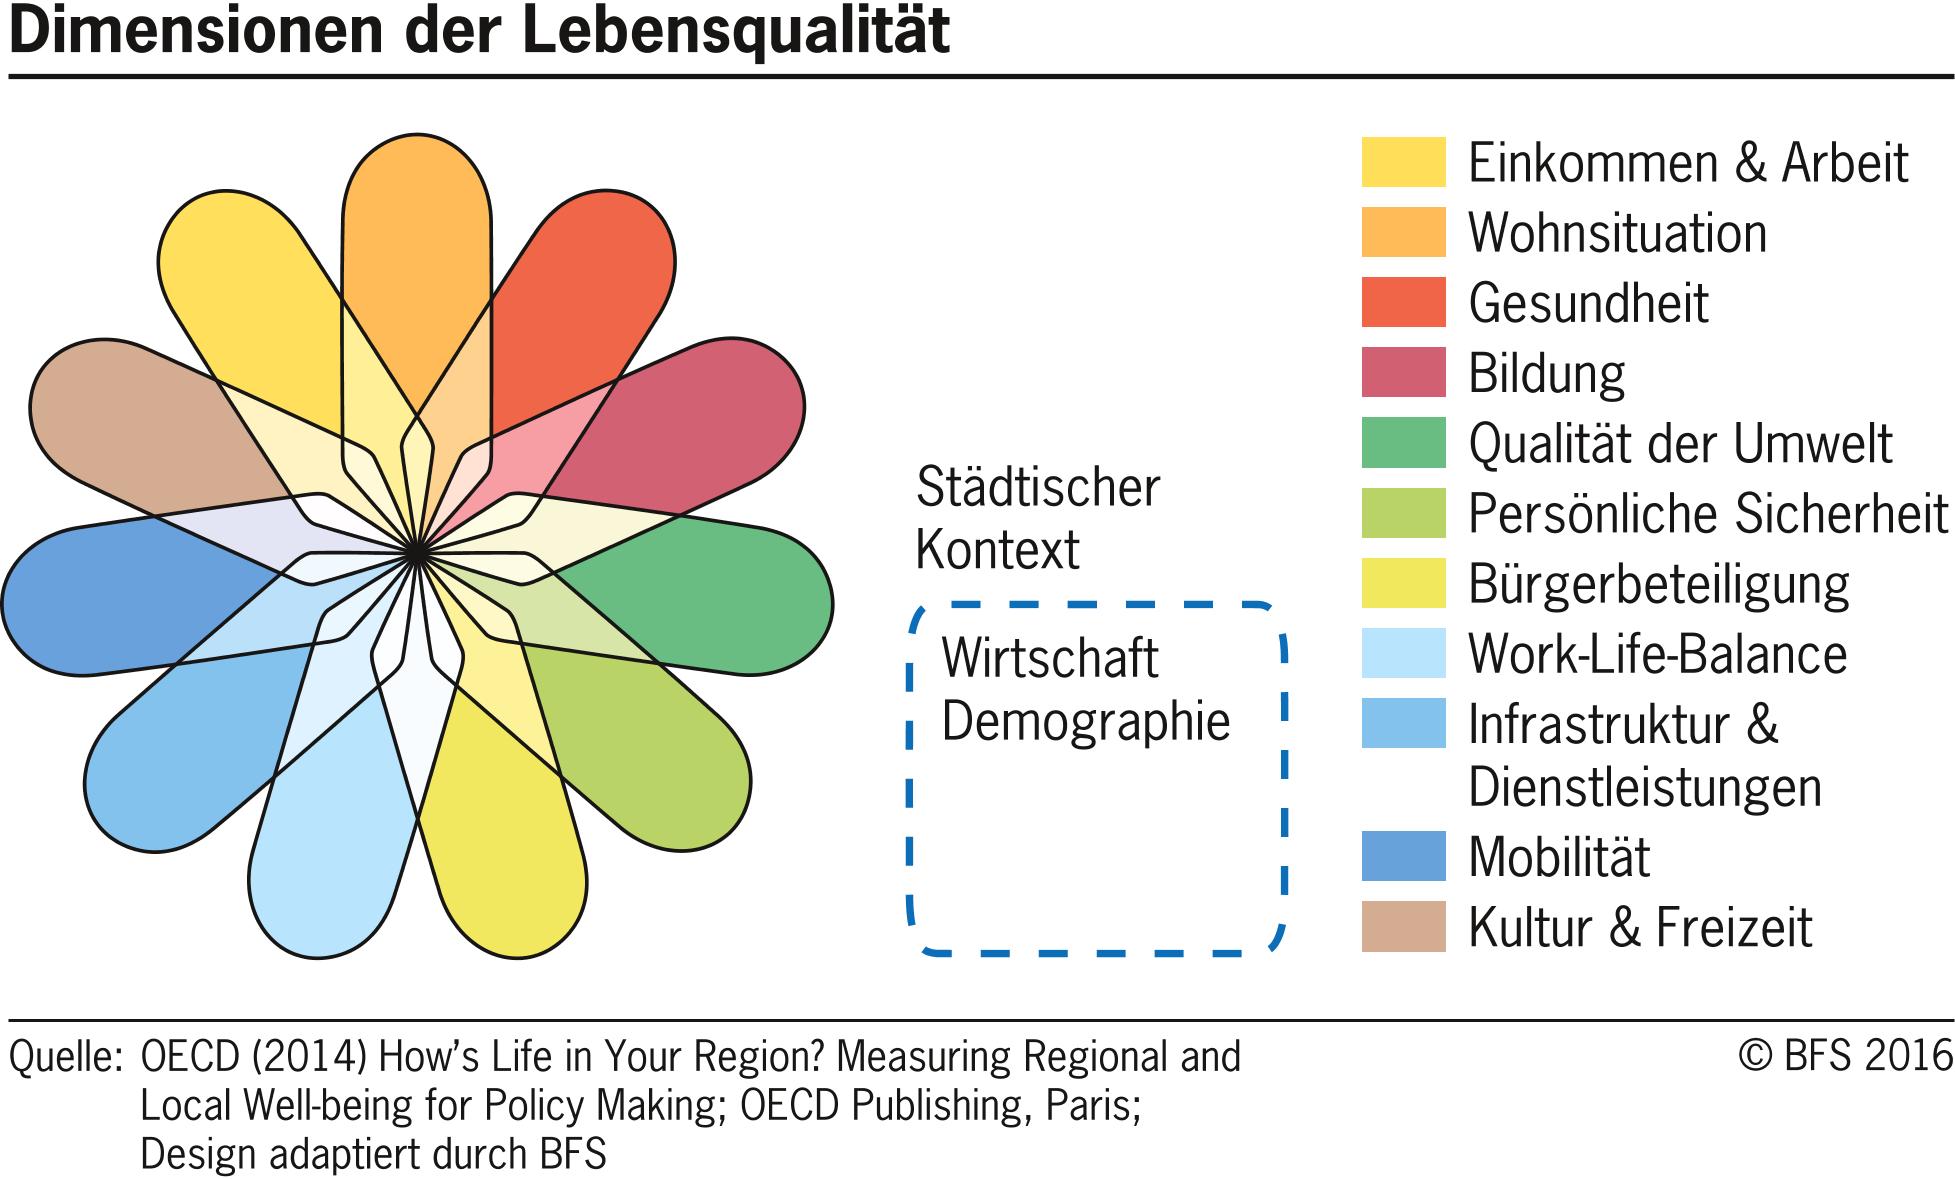 Dimensionen der Lebensqualität gemäss OECD